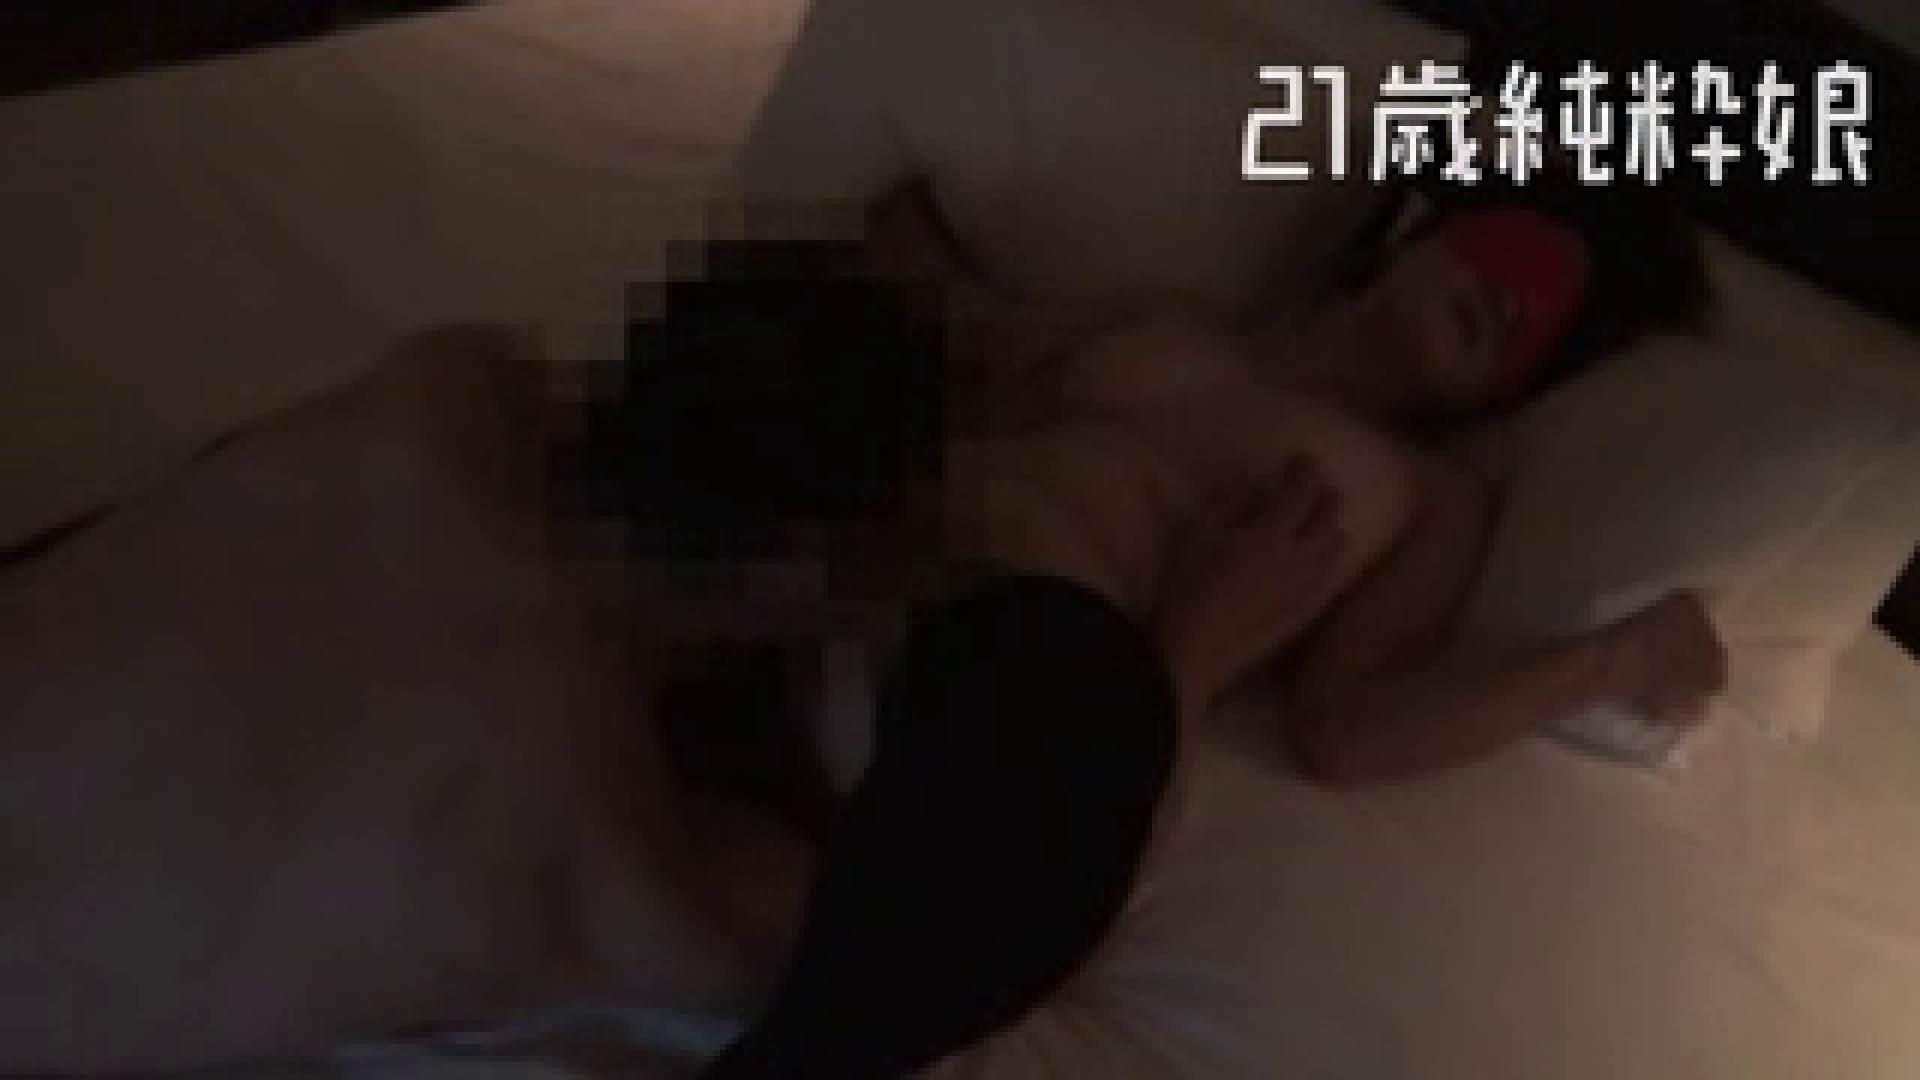 上京したばかりのGカップ21歳純粋嬢を都合の良い女にしてみた4 ホテル  75連発 69